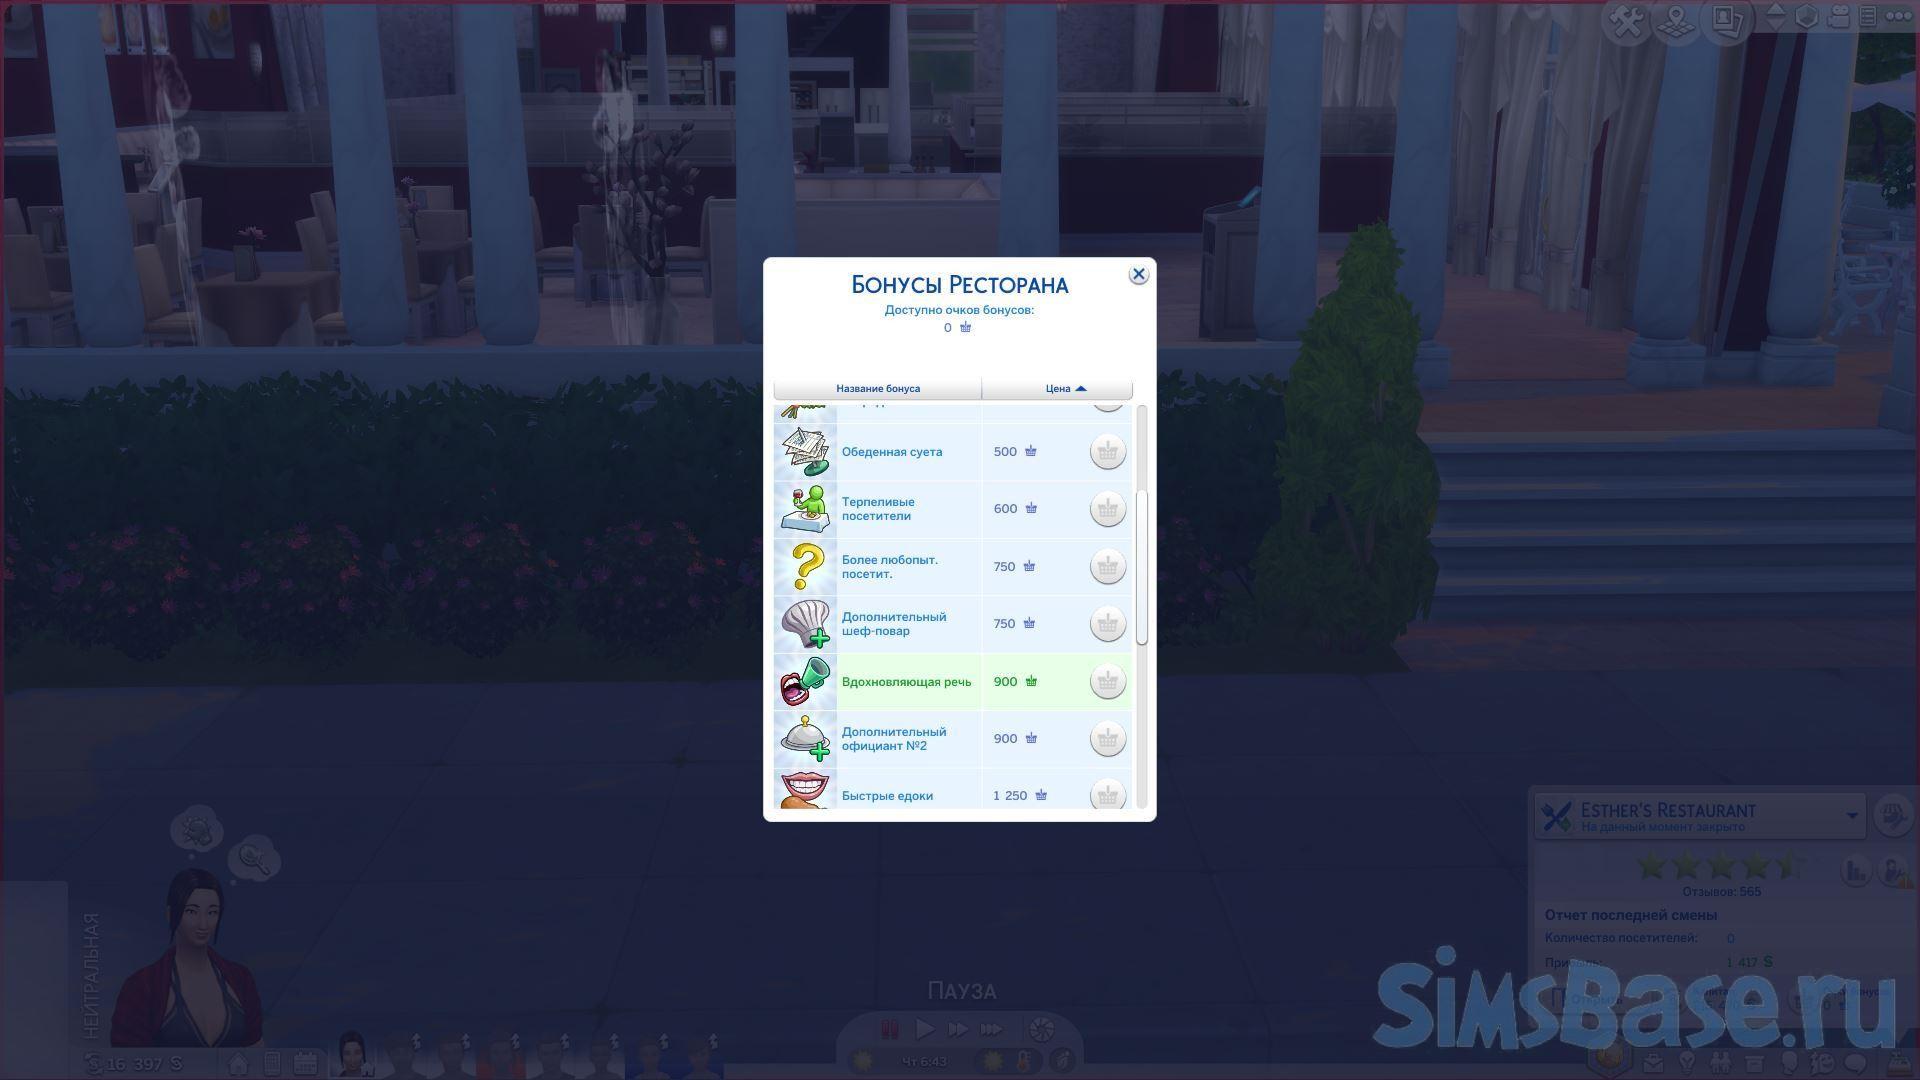 Руководство по управлению пятизвездочным рестораном Sims 4. Часть 3